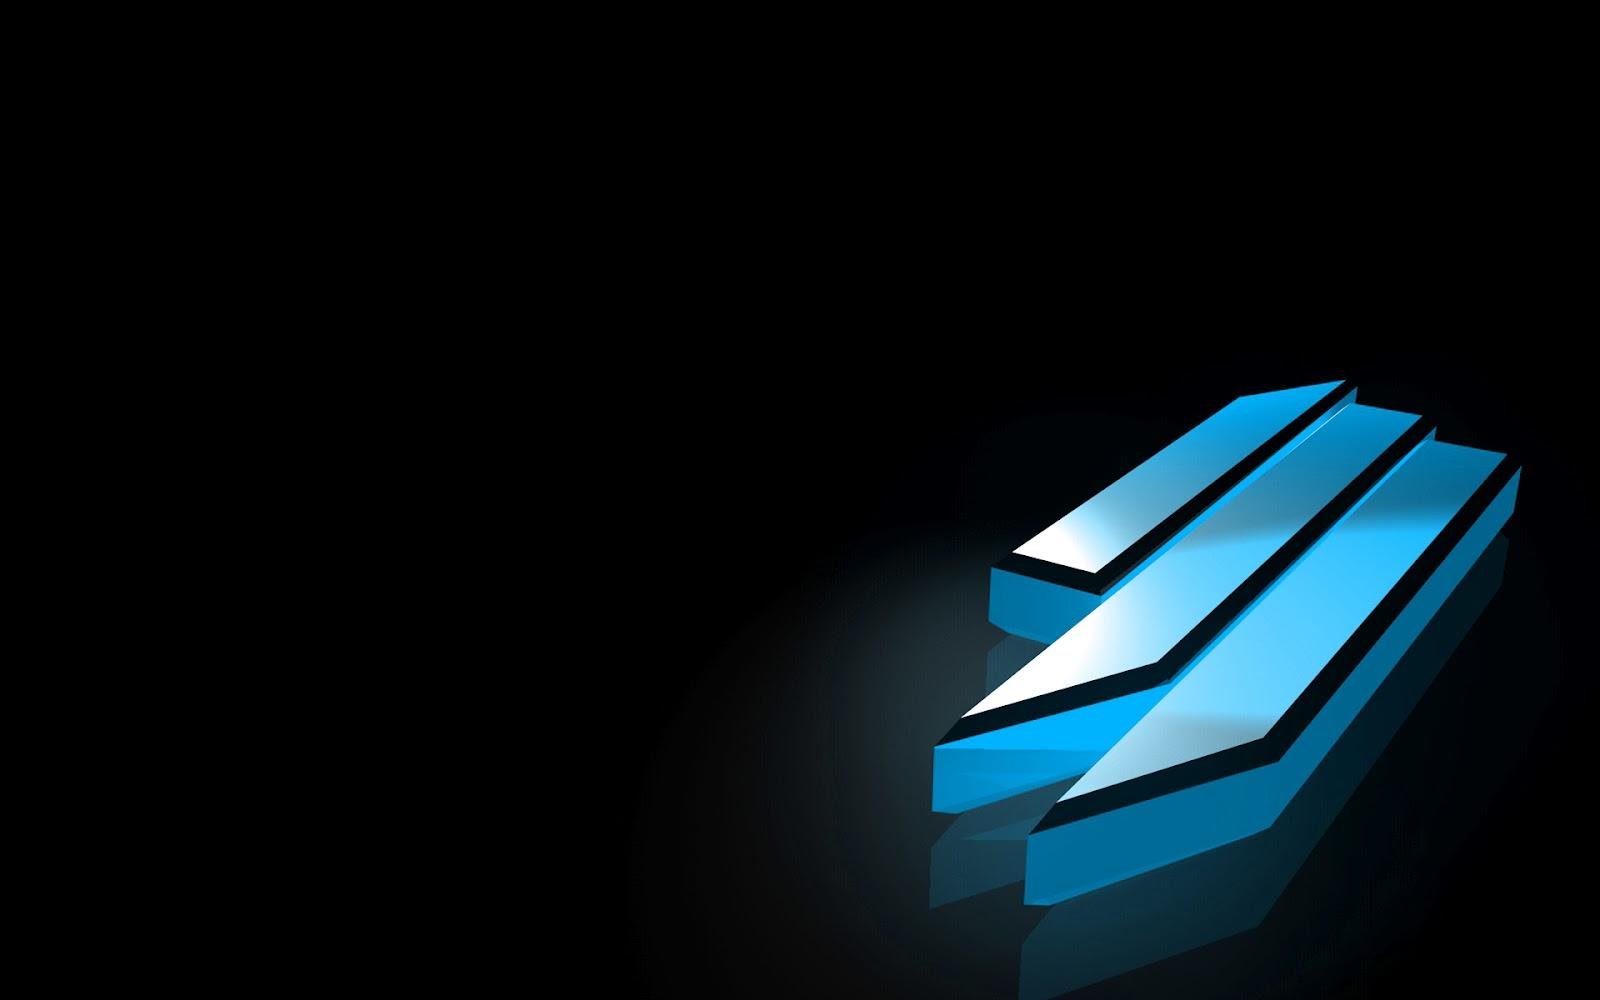 Blue Skrillex Logo Wallpaper